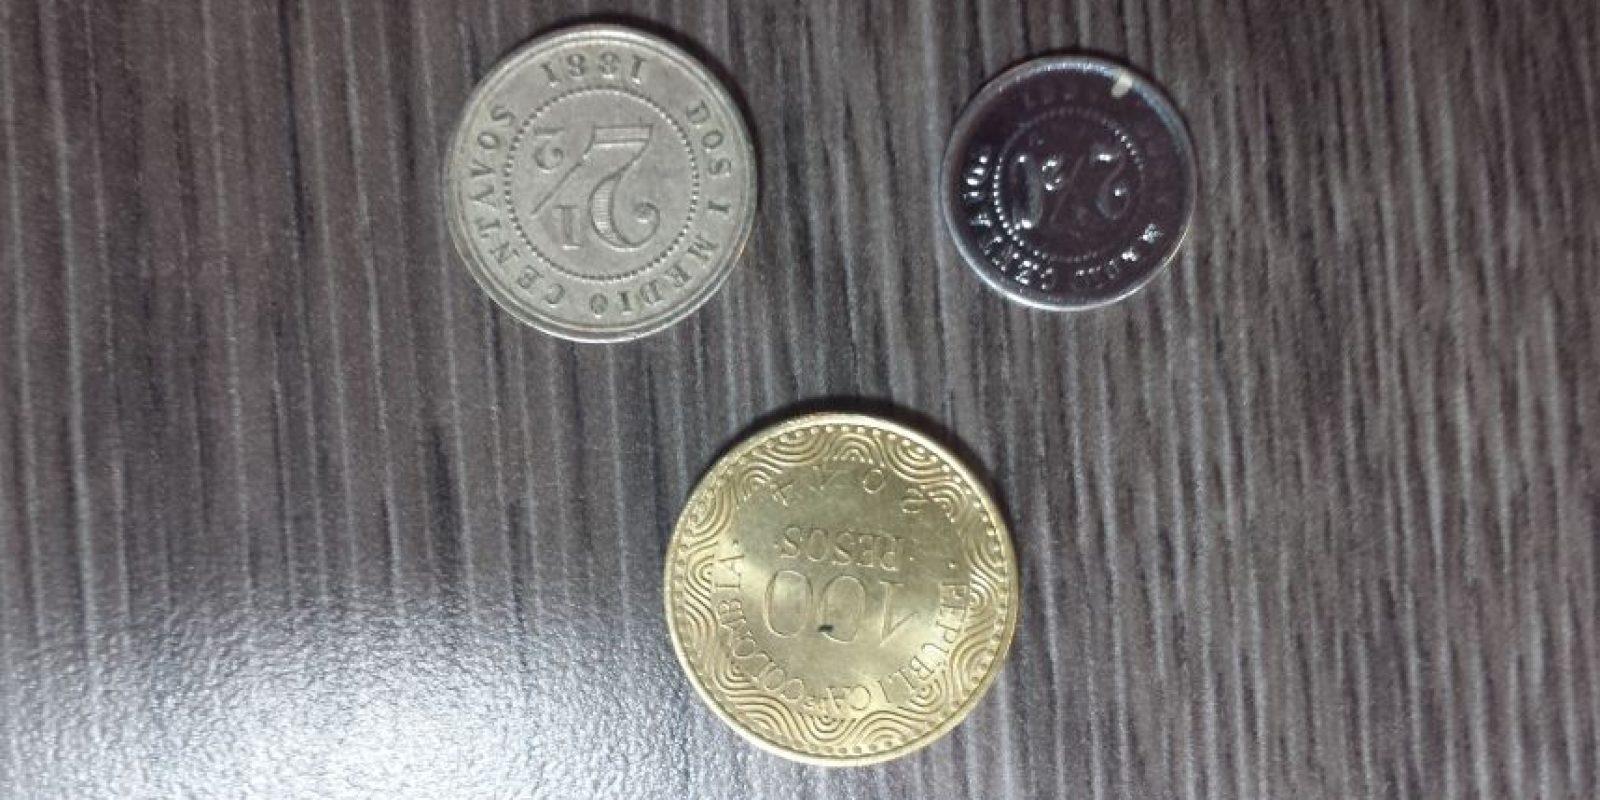 Otra es un par de antiguas monedas de 2.5 centavos, que se ven con una moderna de 100 pesos para dar una idea de su tamaño Foto:Juan Manuel Reyes – Publimetro